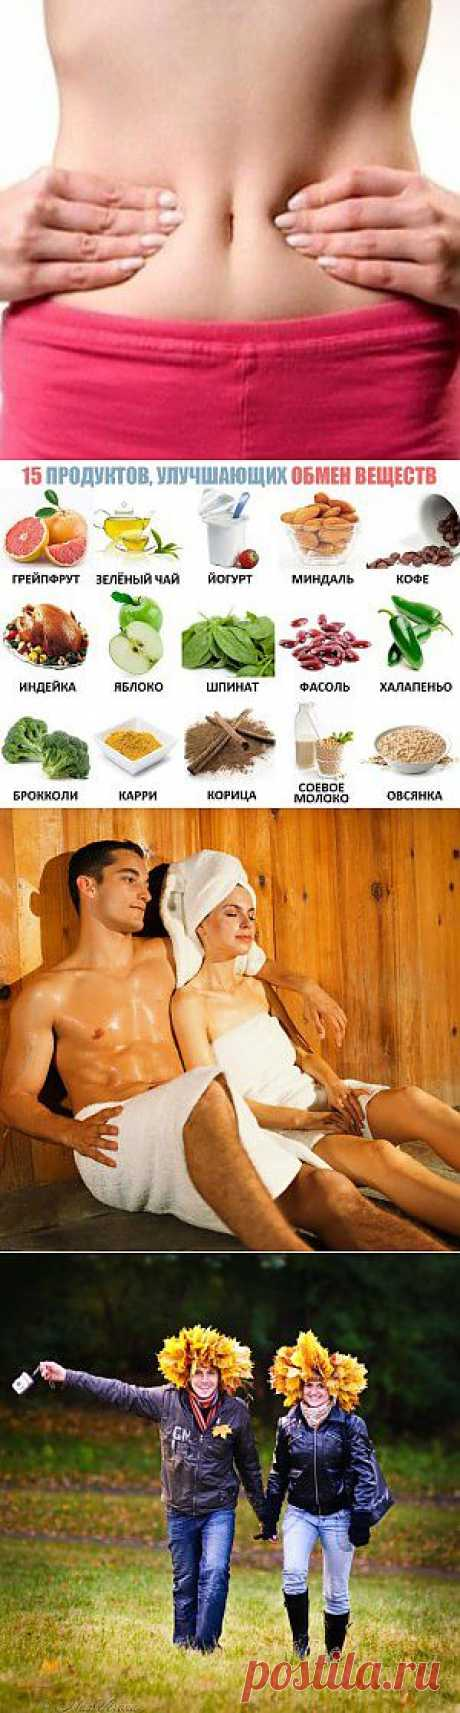 Как ускорить обмен веществ | ЖОЗ | забота о здоровье | uznaharya.ru